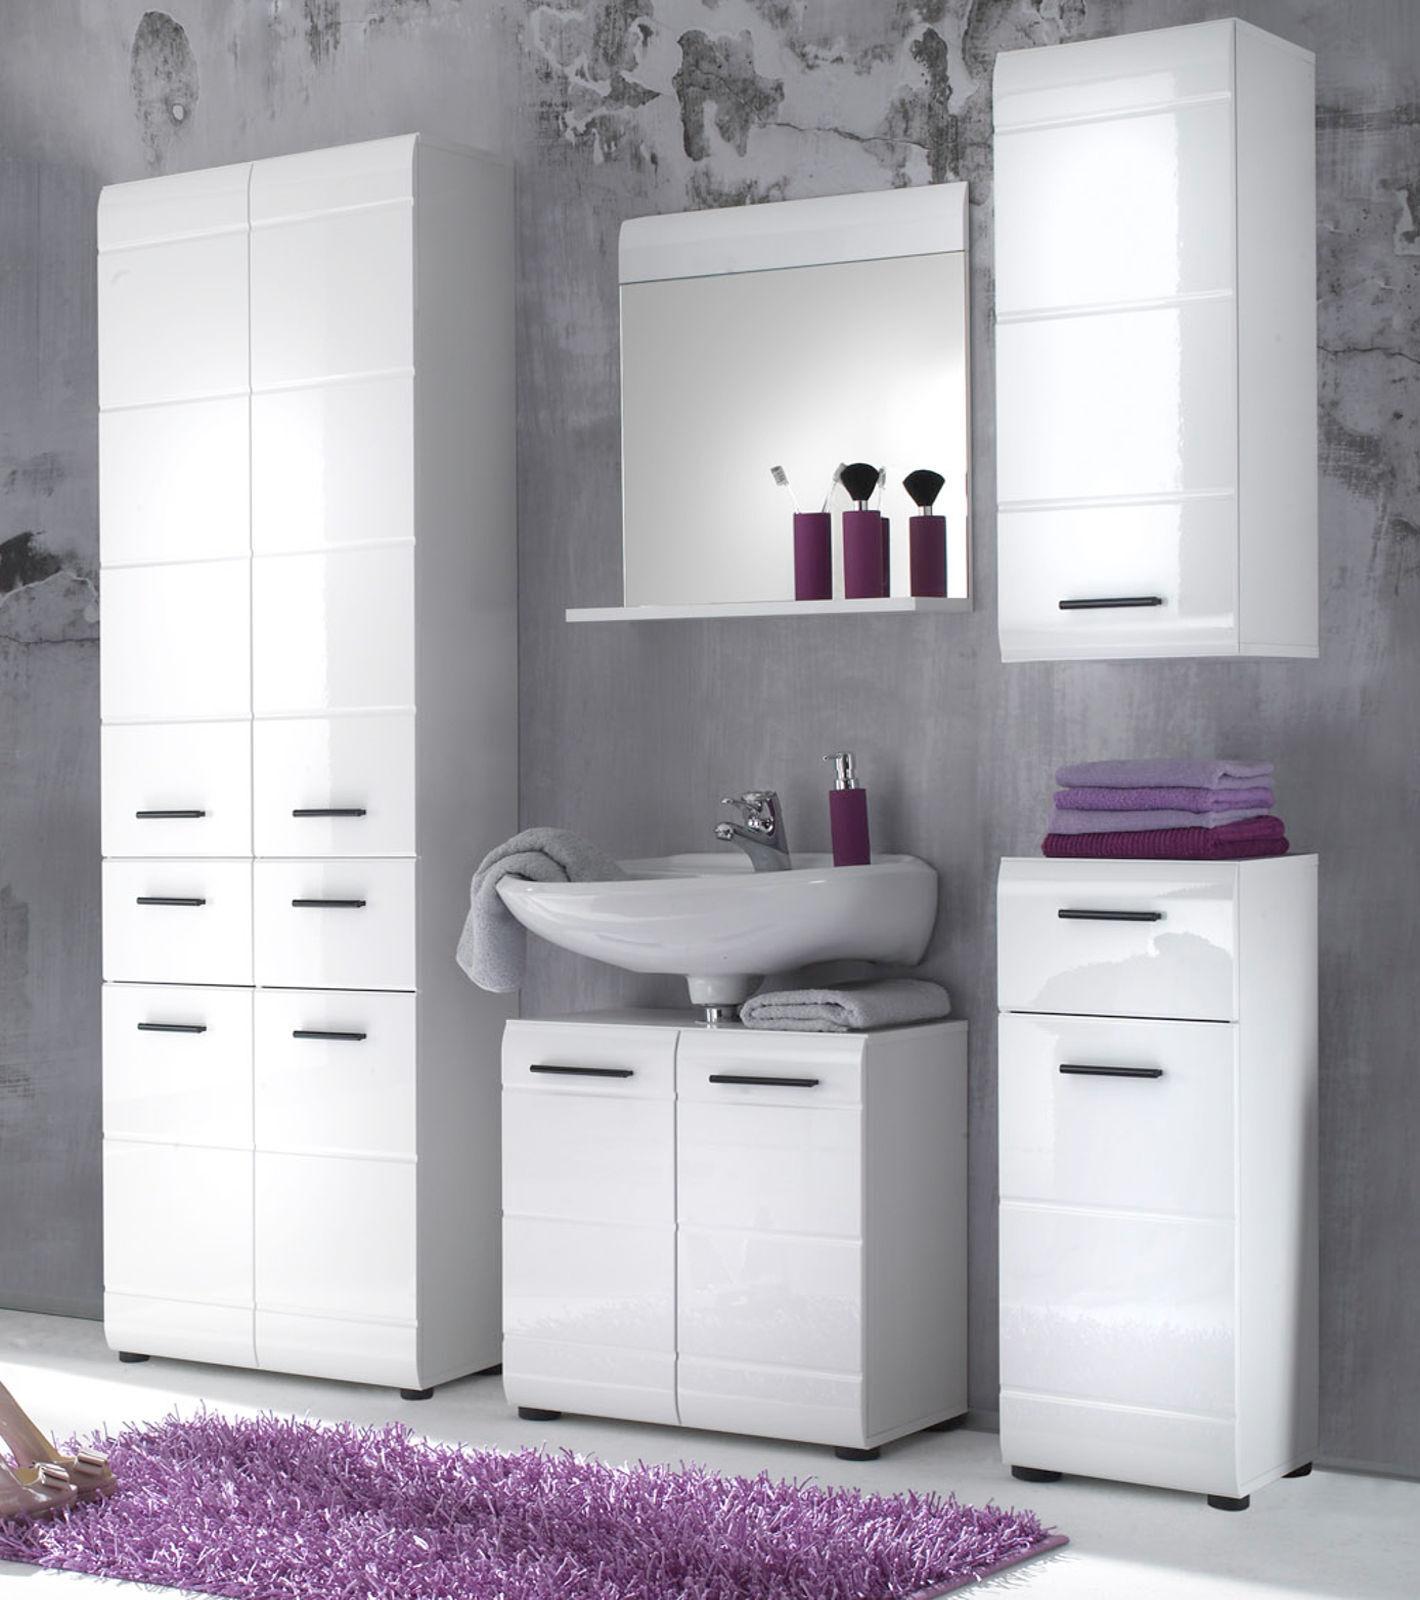 BAD STAURAUM SCHRANK Badezimmer Hochschrank groß weiß Hochglanz 60x182 cm  Skin